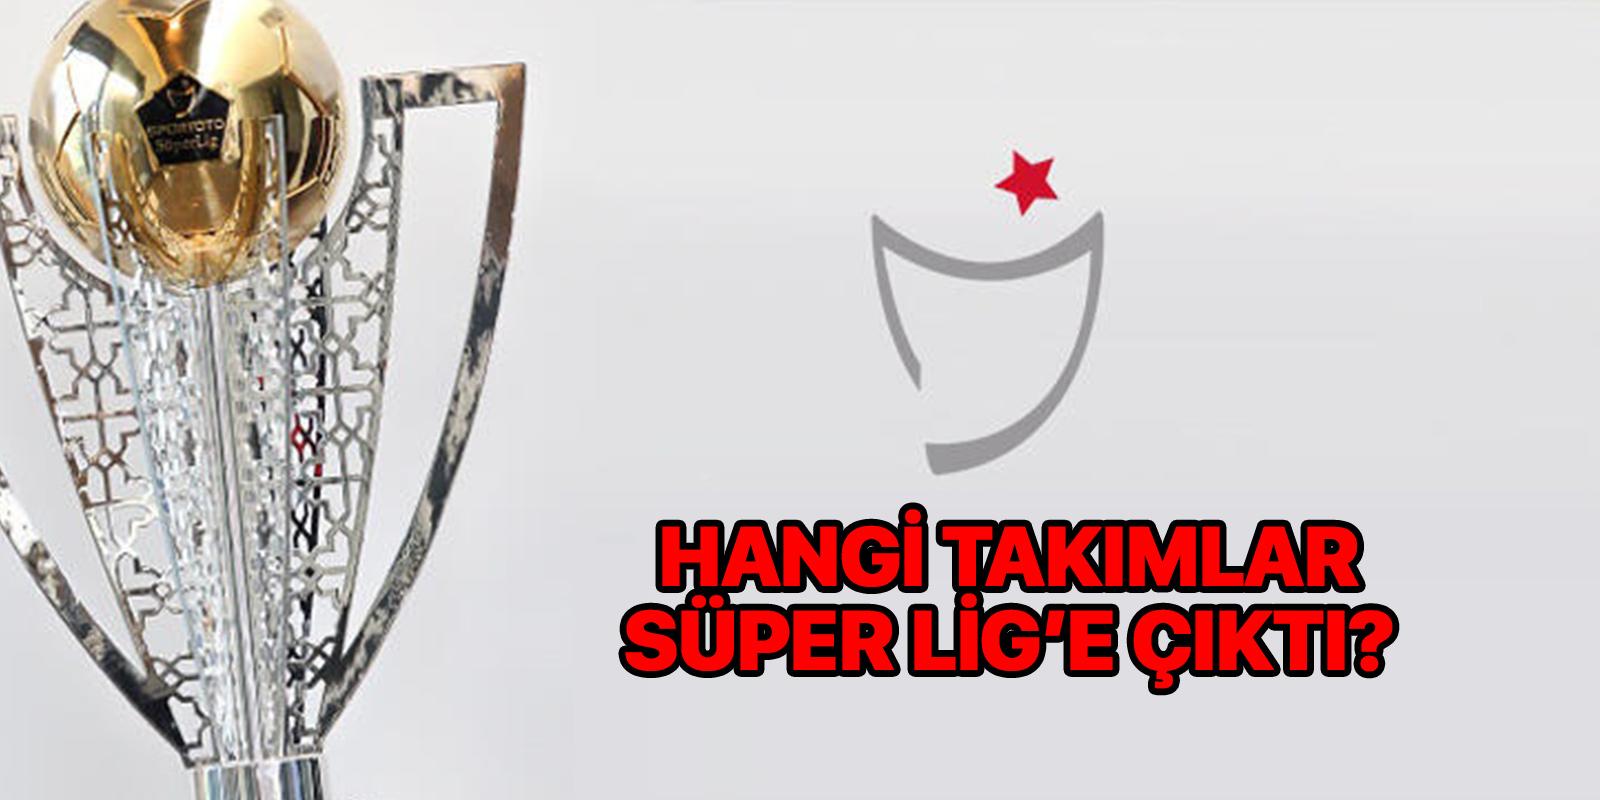 Süper Lig'e hangi takımlar çıktı 2021?   TFF 1. Lig'den Süper Lige çıkan takımlar belli oldu mu?